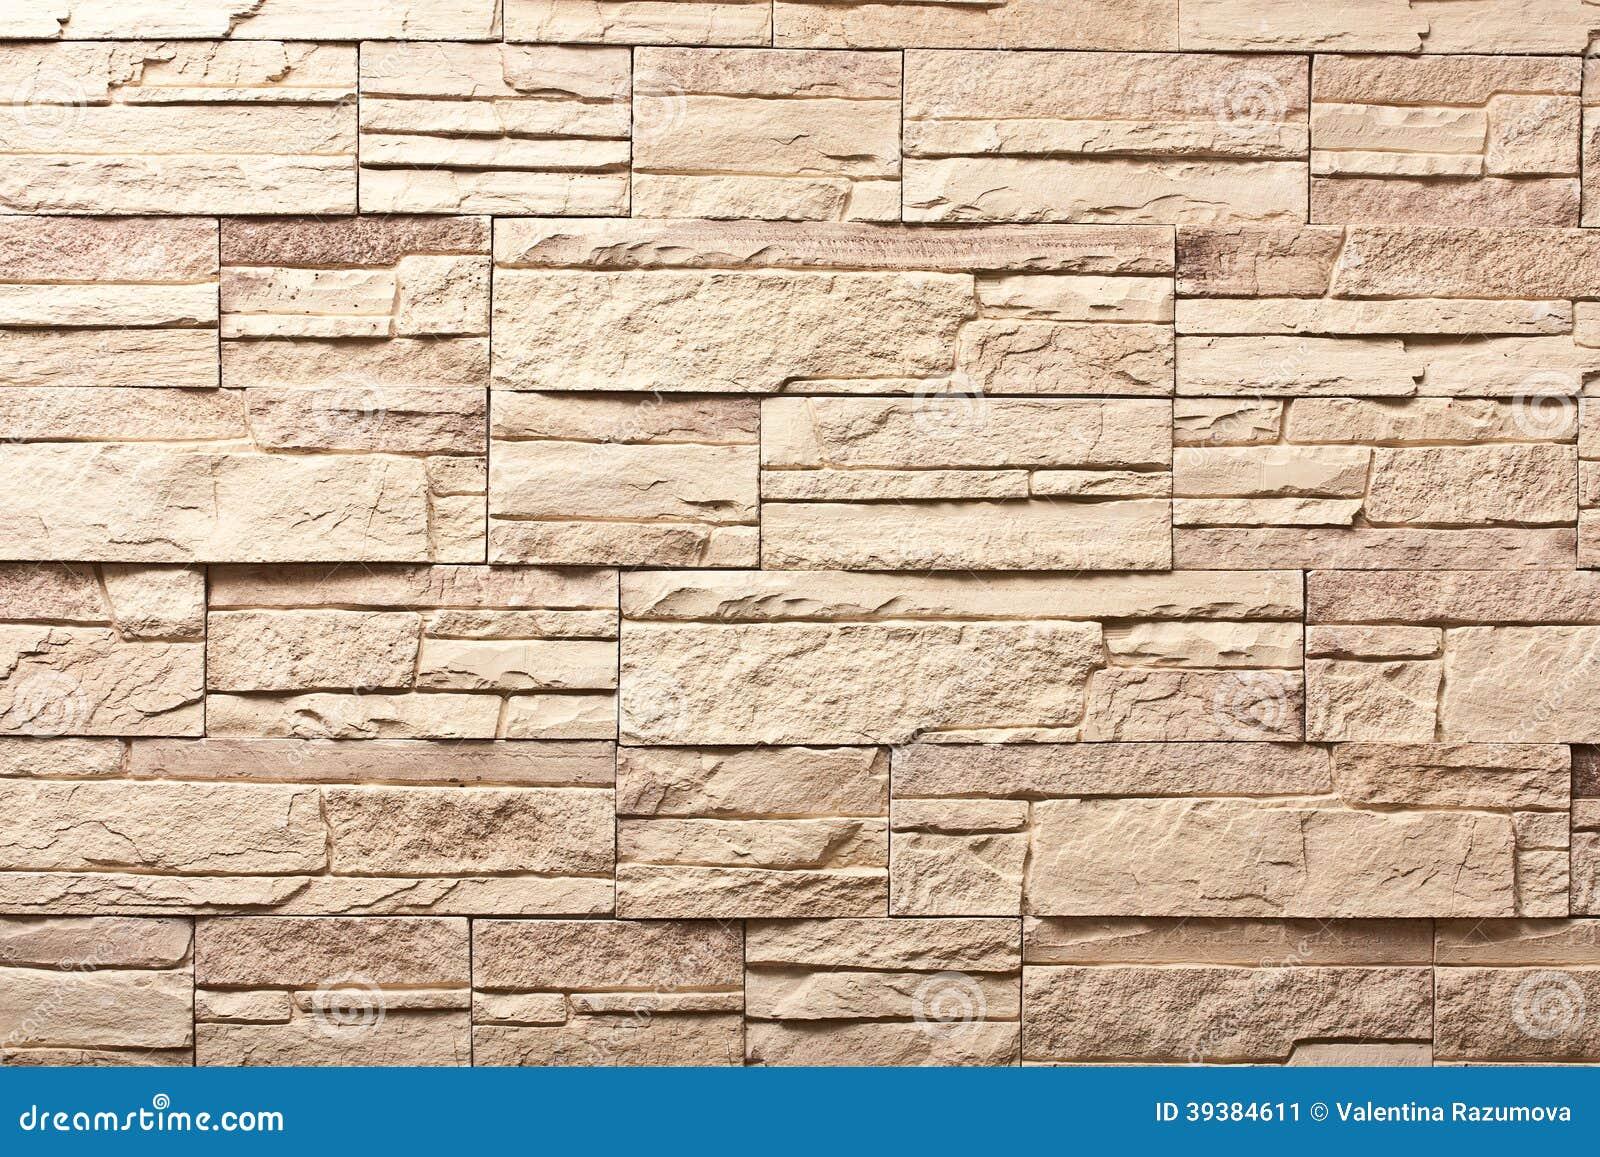 mur en pierre d 39 ardoise d corative photo stock image 39384611. Black Bedroom Furniture Sets. Home Design Ideas